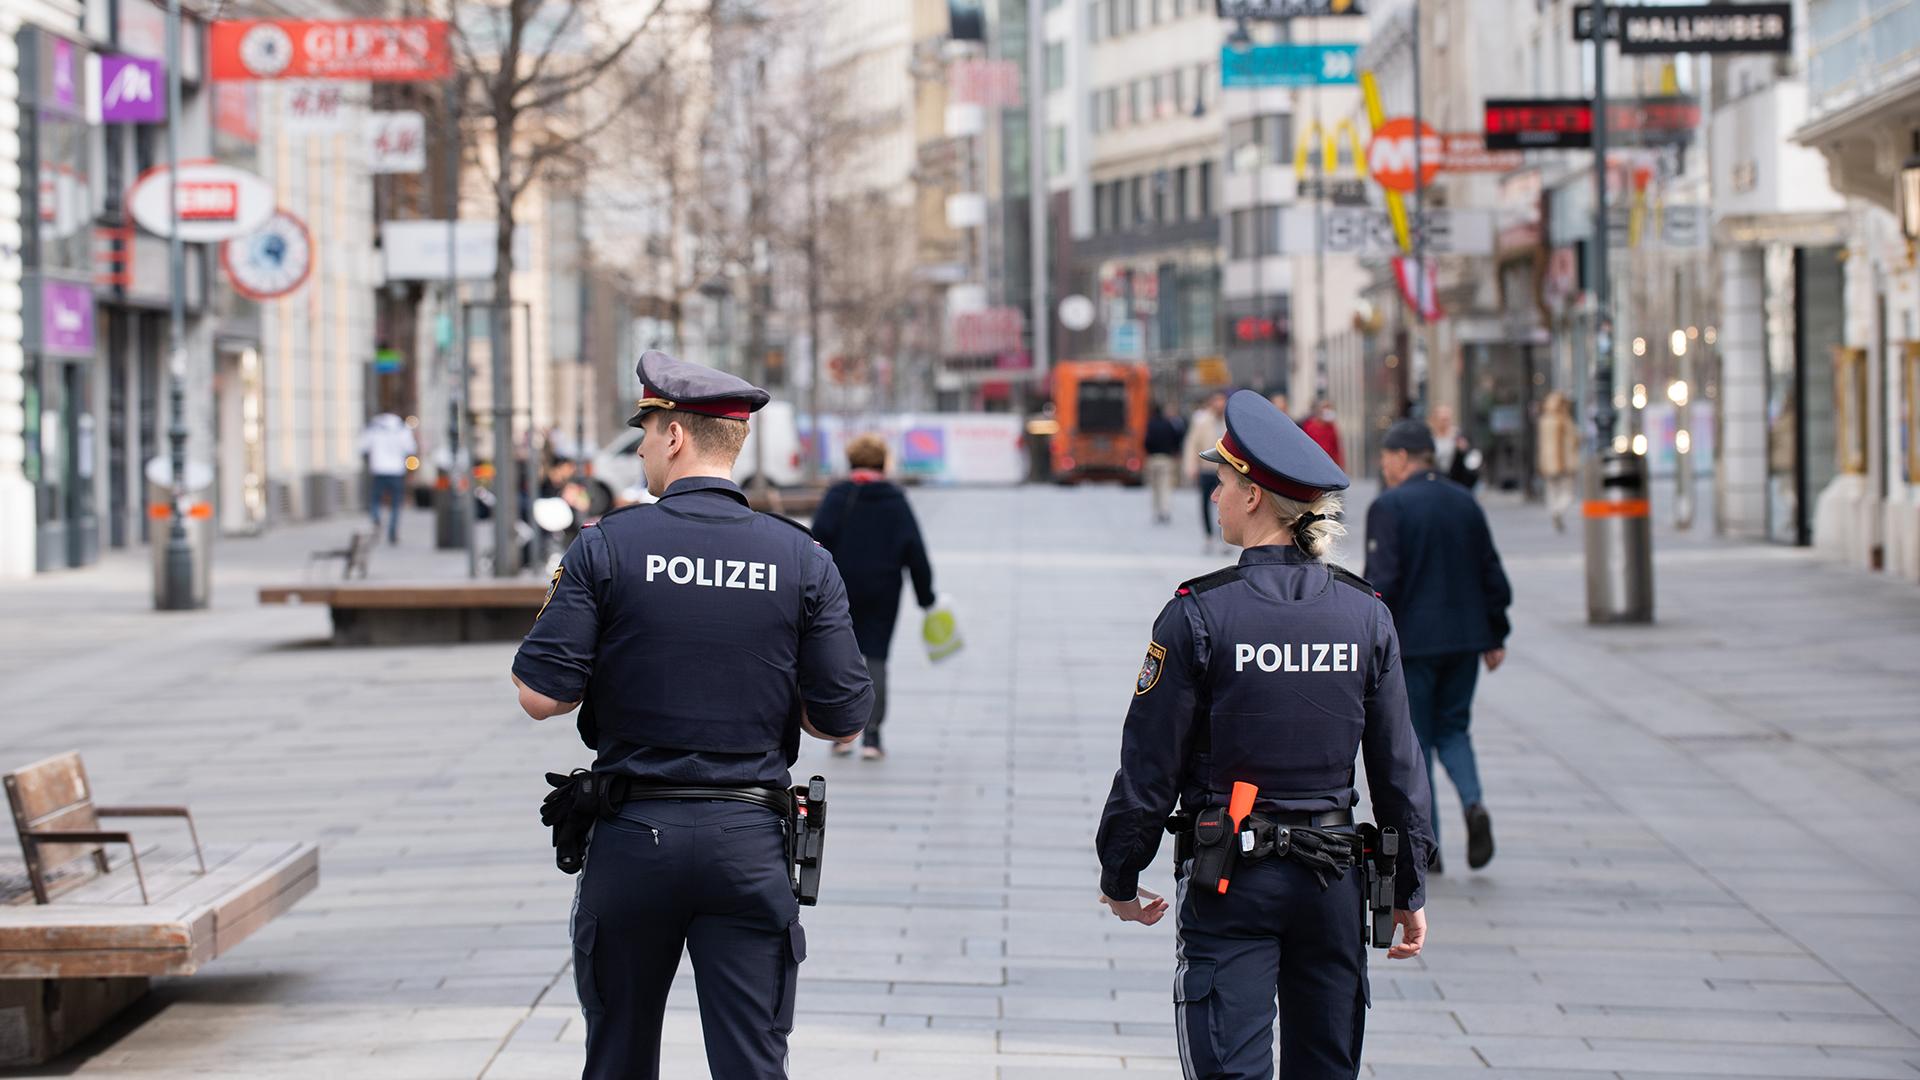 Bécsben működött a szigorú zárás, május 3-án indulhat újra az élet